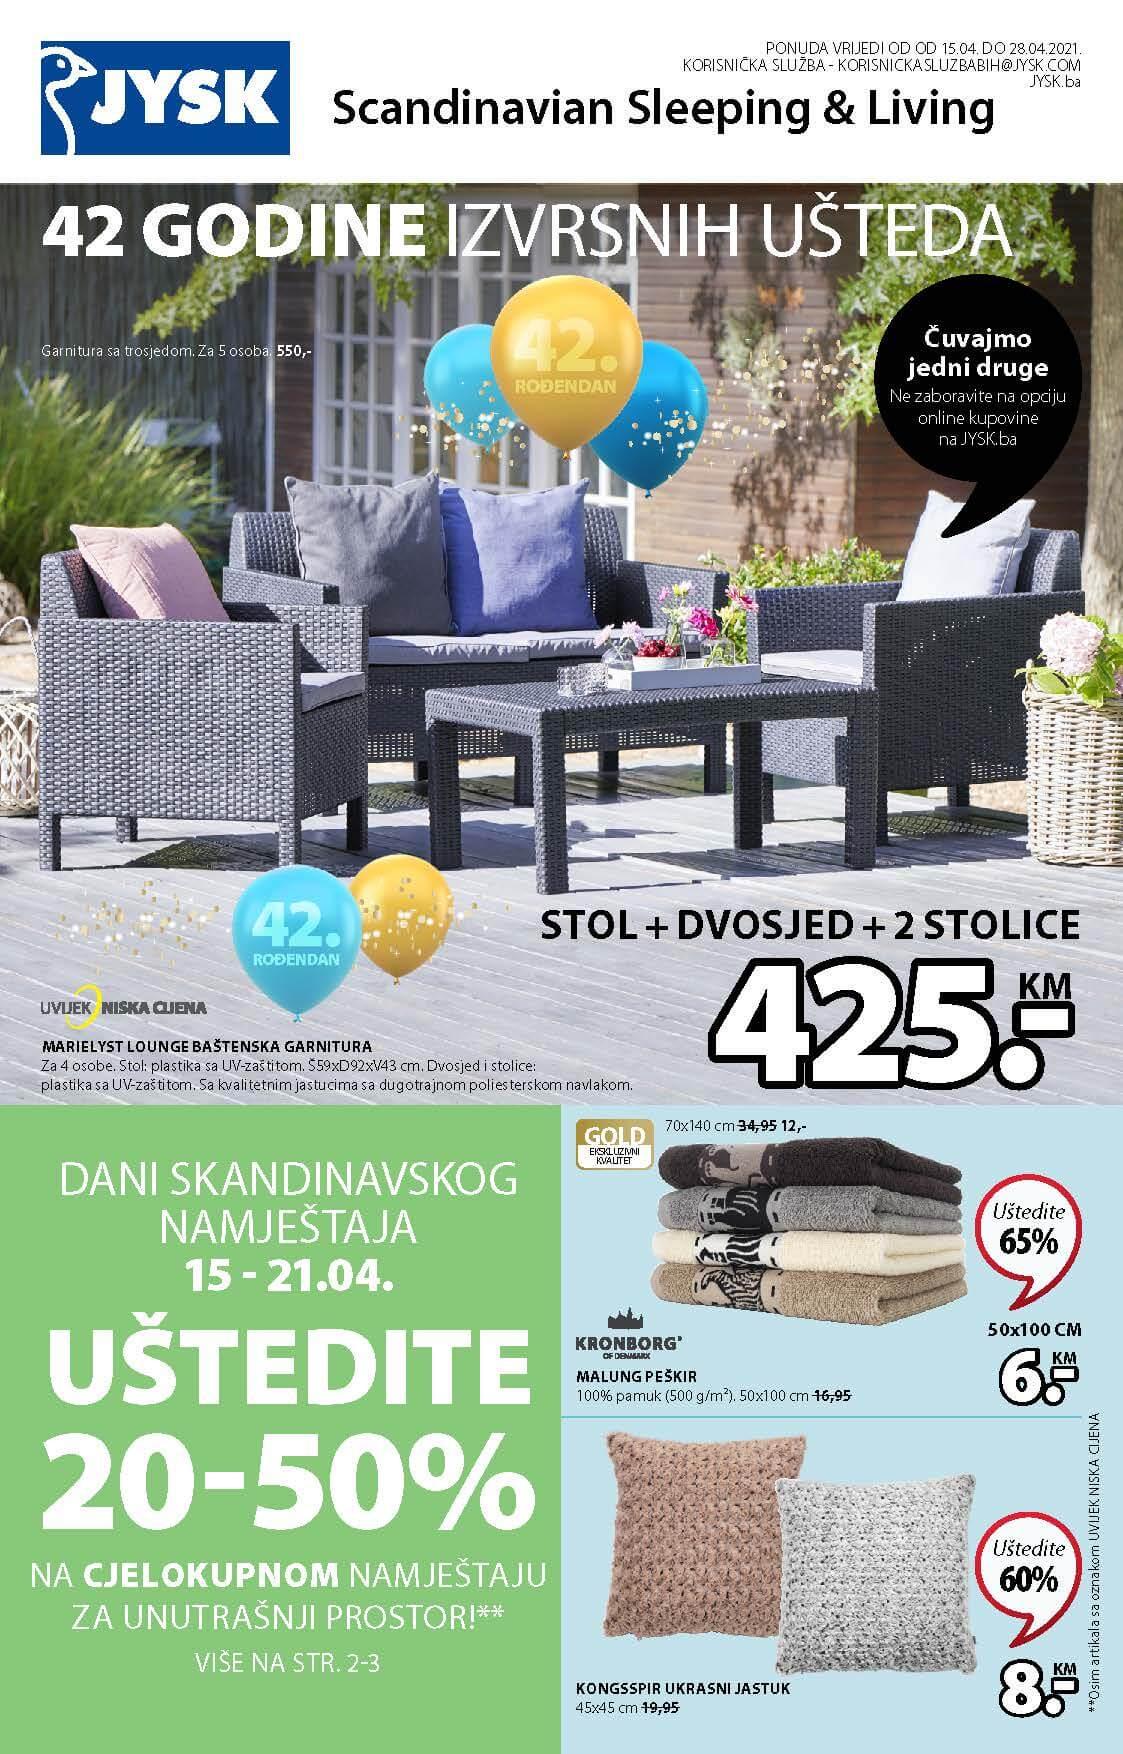 JYSK Katalog Akcijska ponuda APRIL 2021 15.04.2021. 28.04.2021. Page 02